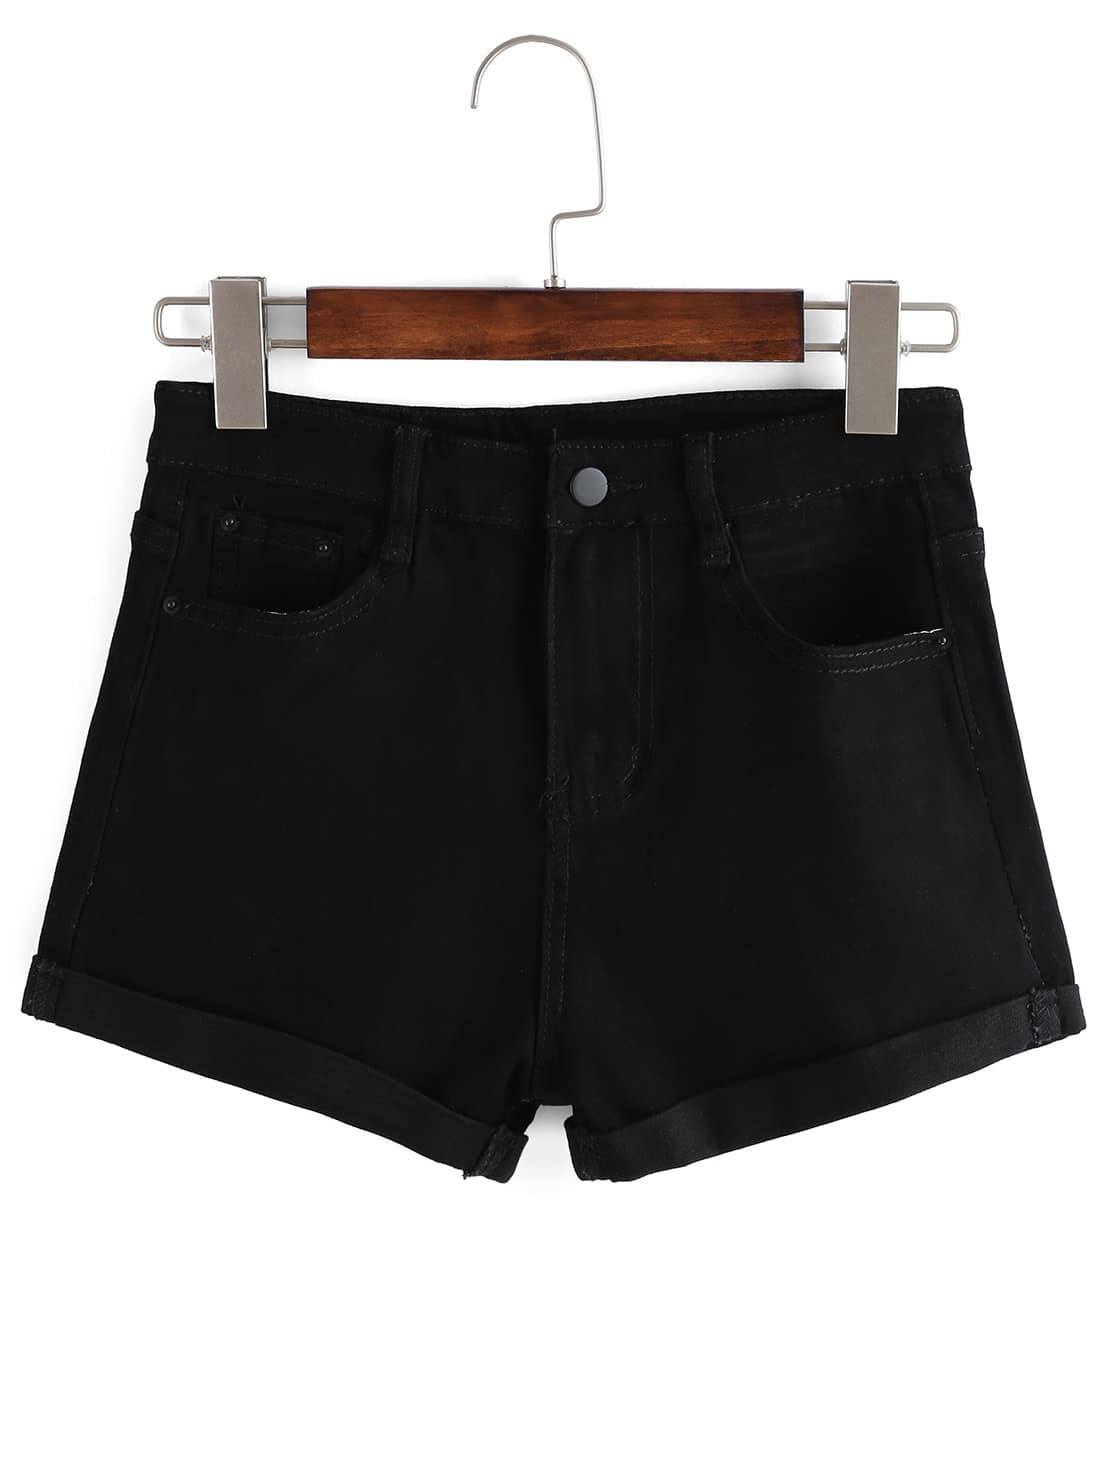 Фото #1: Cuffed Denim Shorts